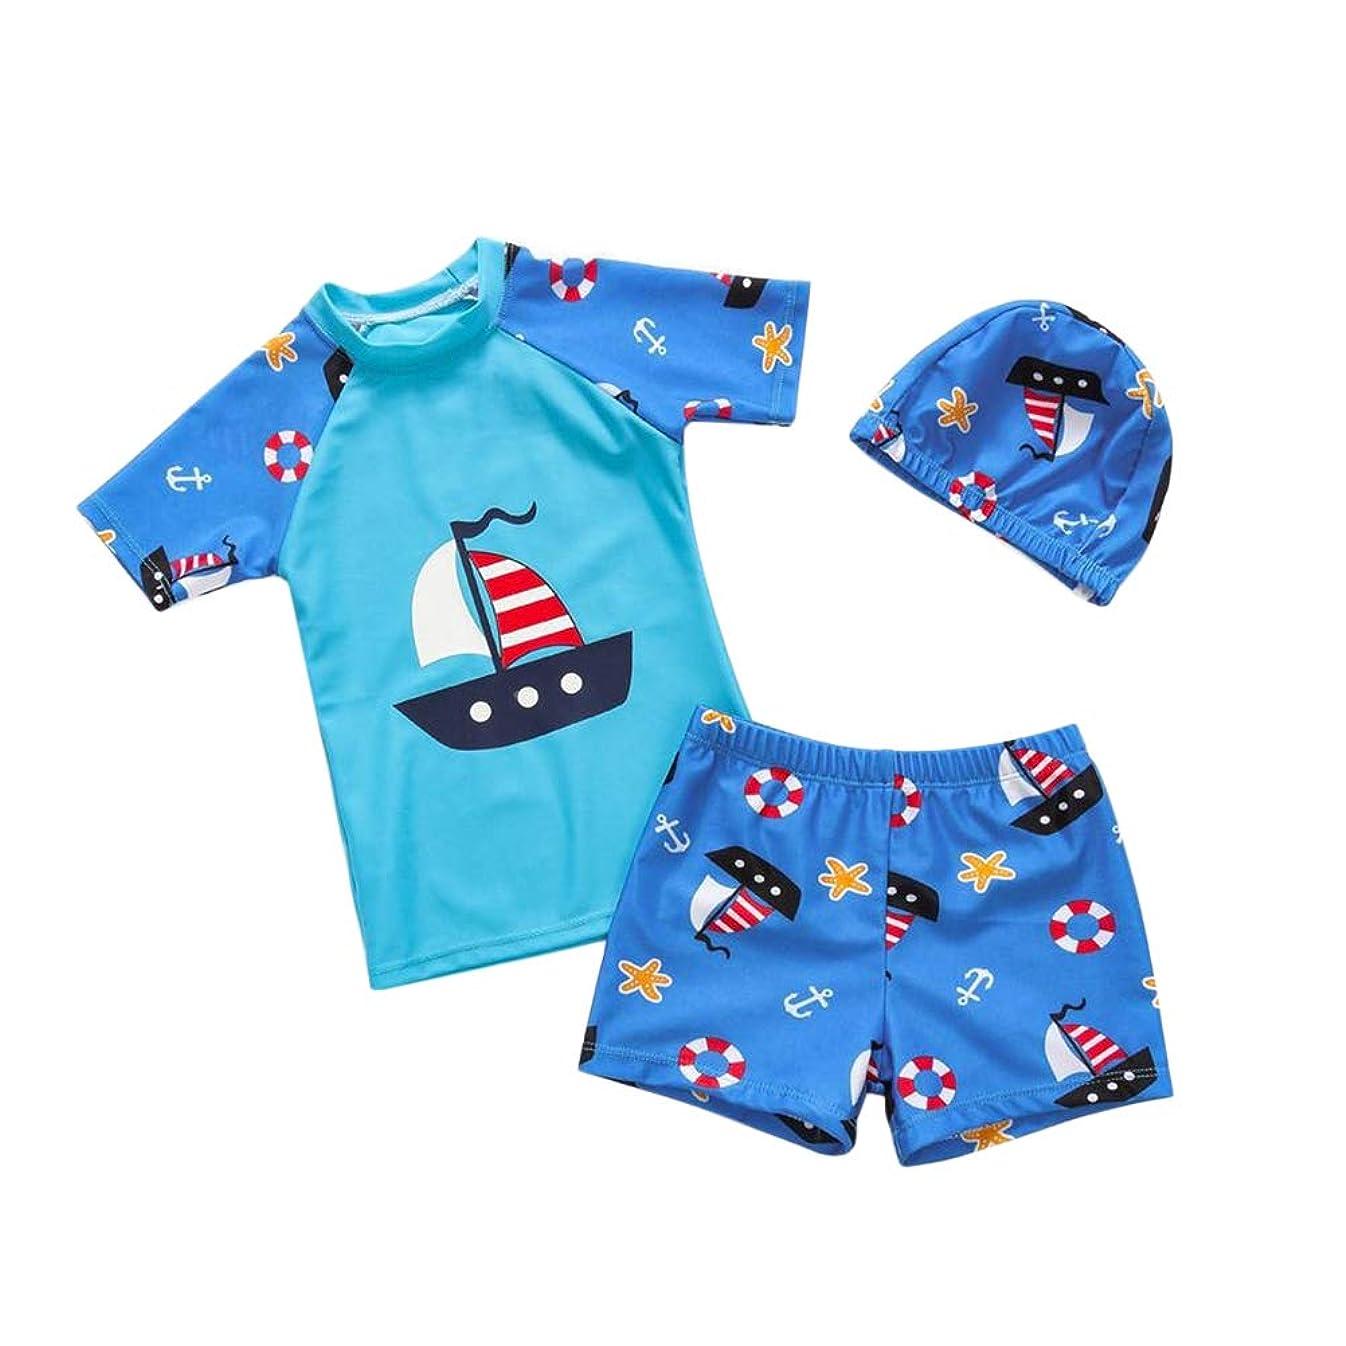 ラバ余剰攻撃的LIOOBO 3個男の子水着子供水着スーツヨット子供ビーチウェアと帽子XL(ブルー)